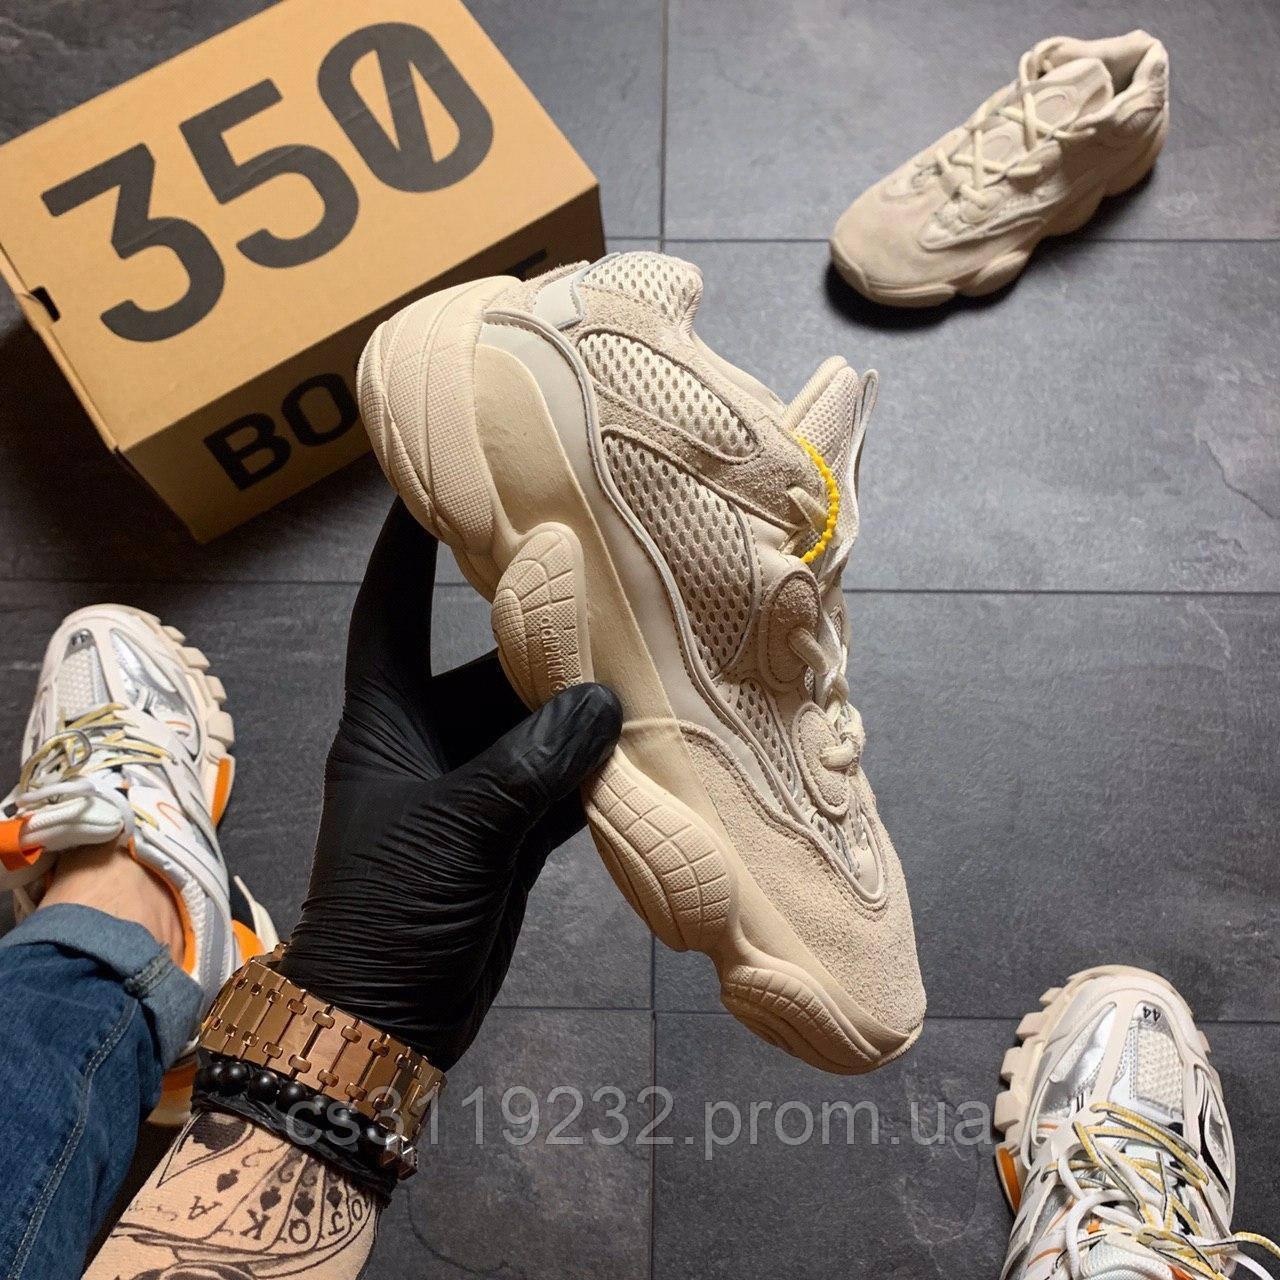 Жіночі кросівки Adidas Yeezy Boost 500 Blush (бежевий)